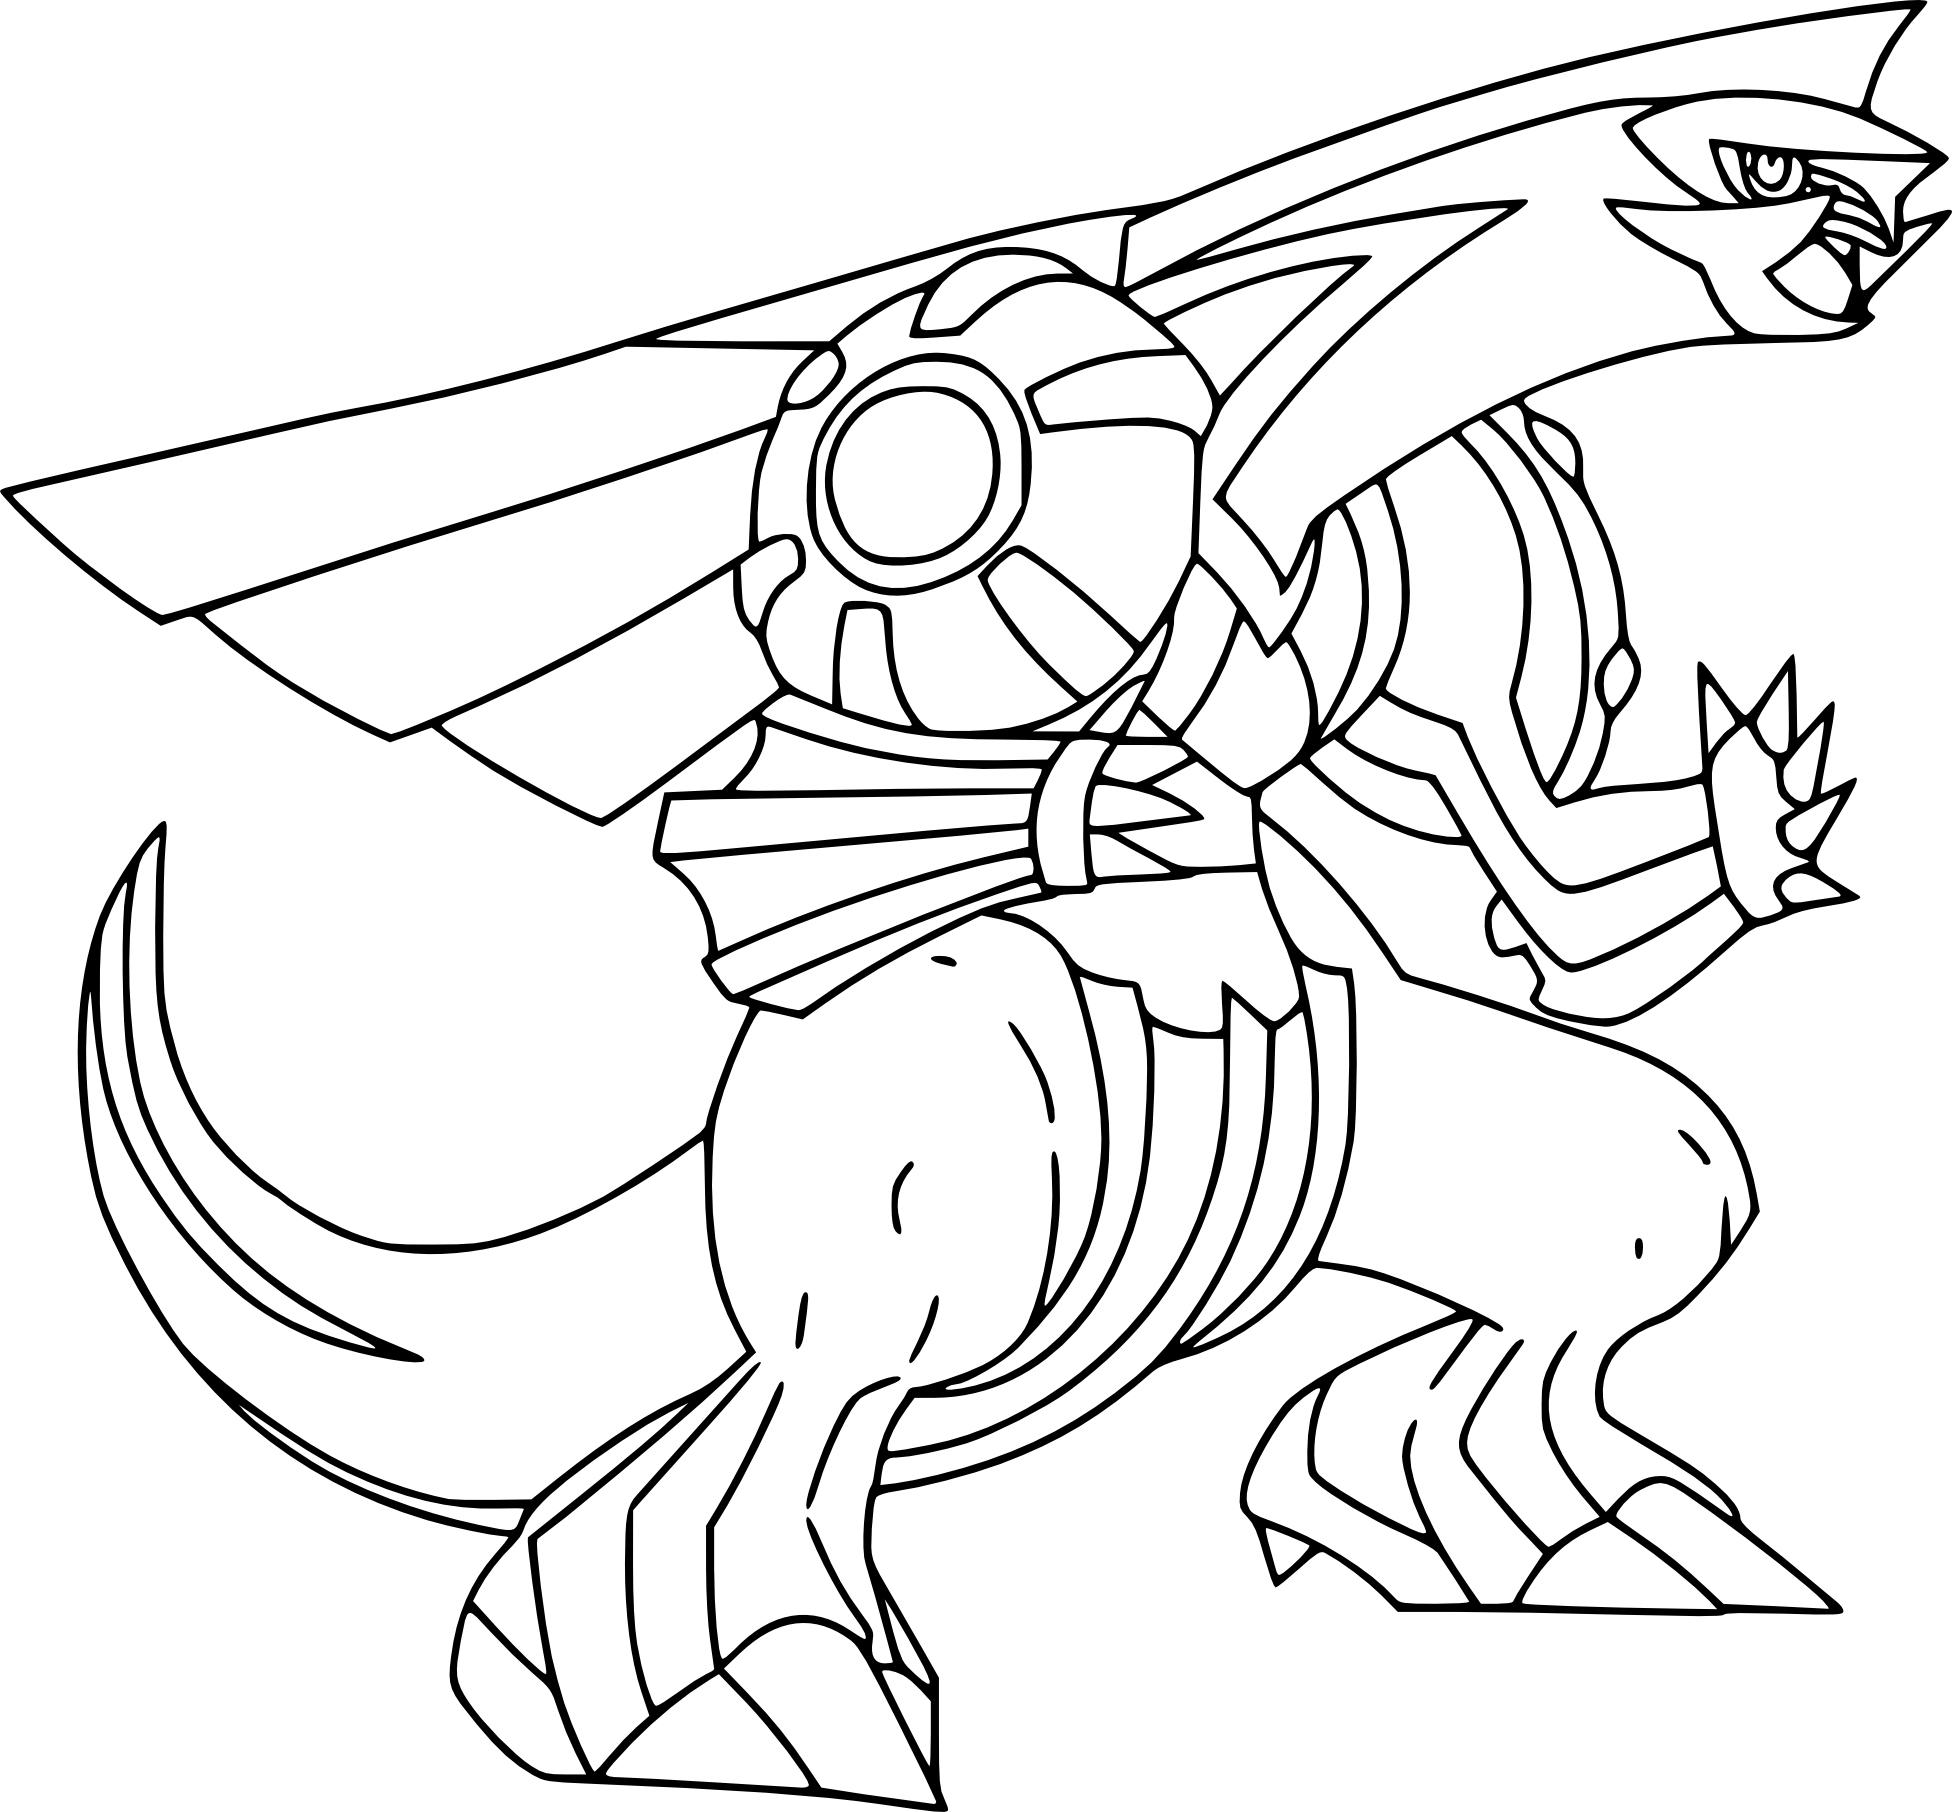 Coloriage Palkia Pokemon À Imprimer serapportantà Imprimer Coloriage Pokemon